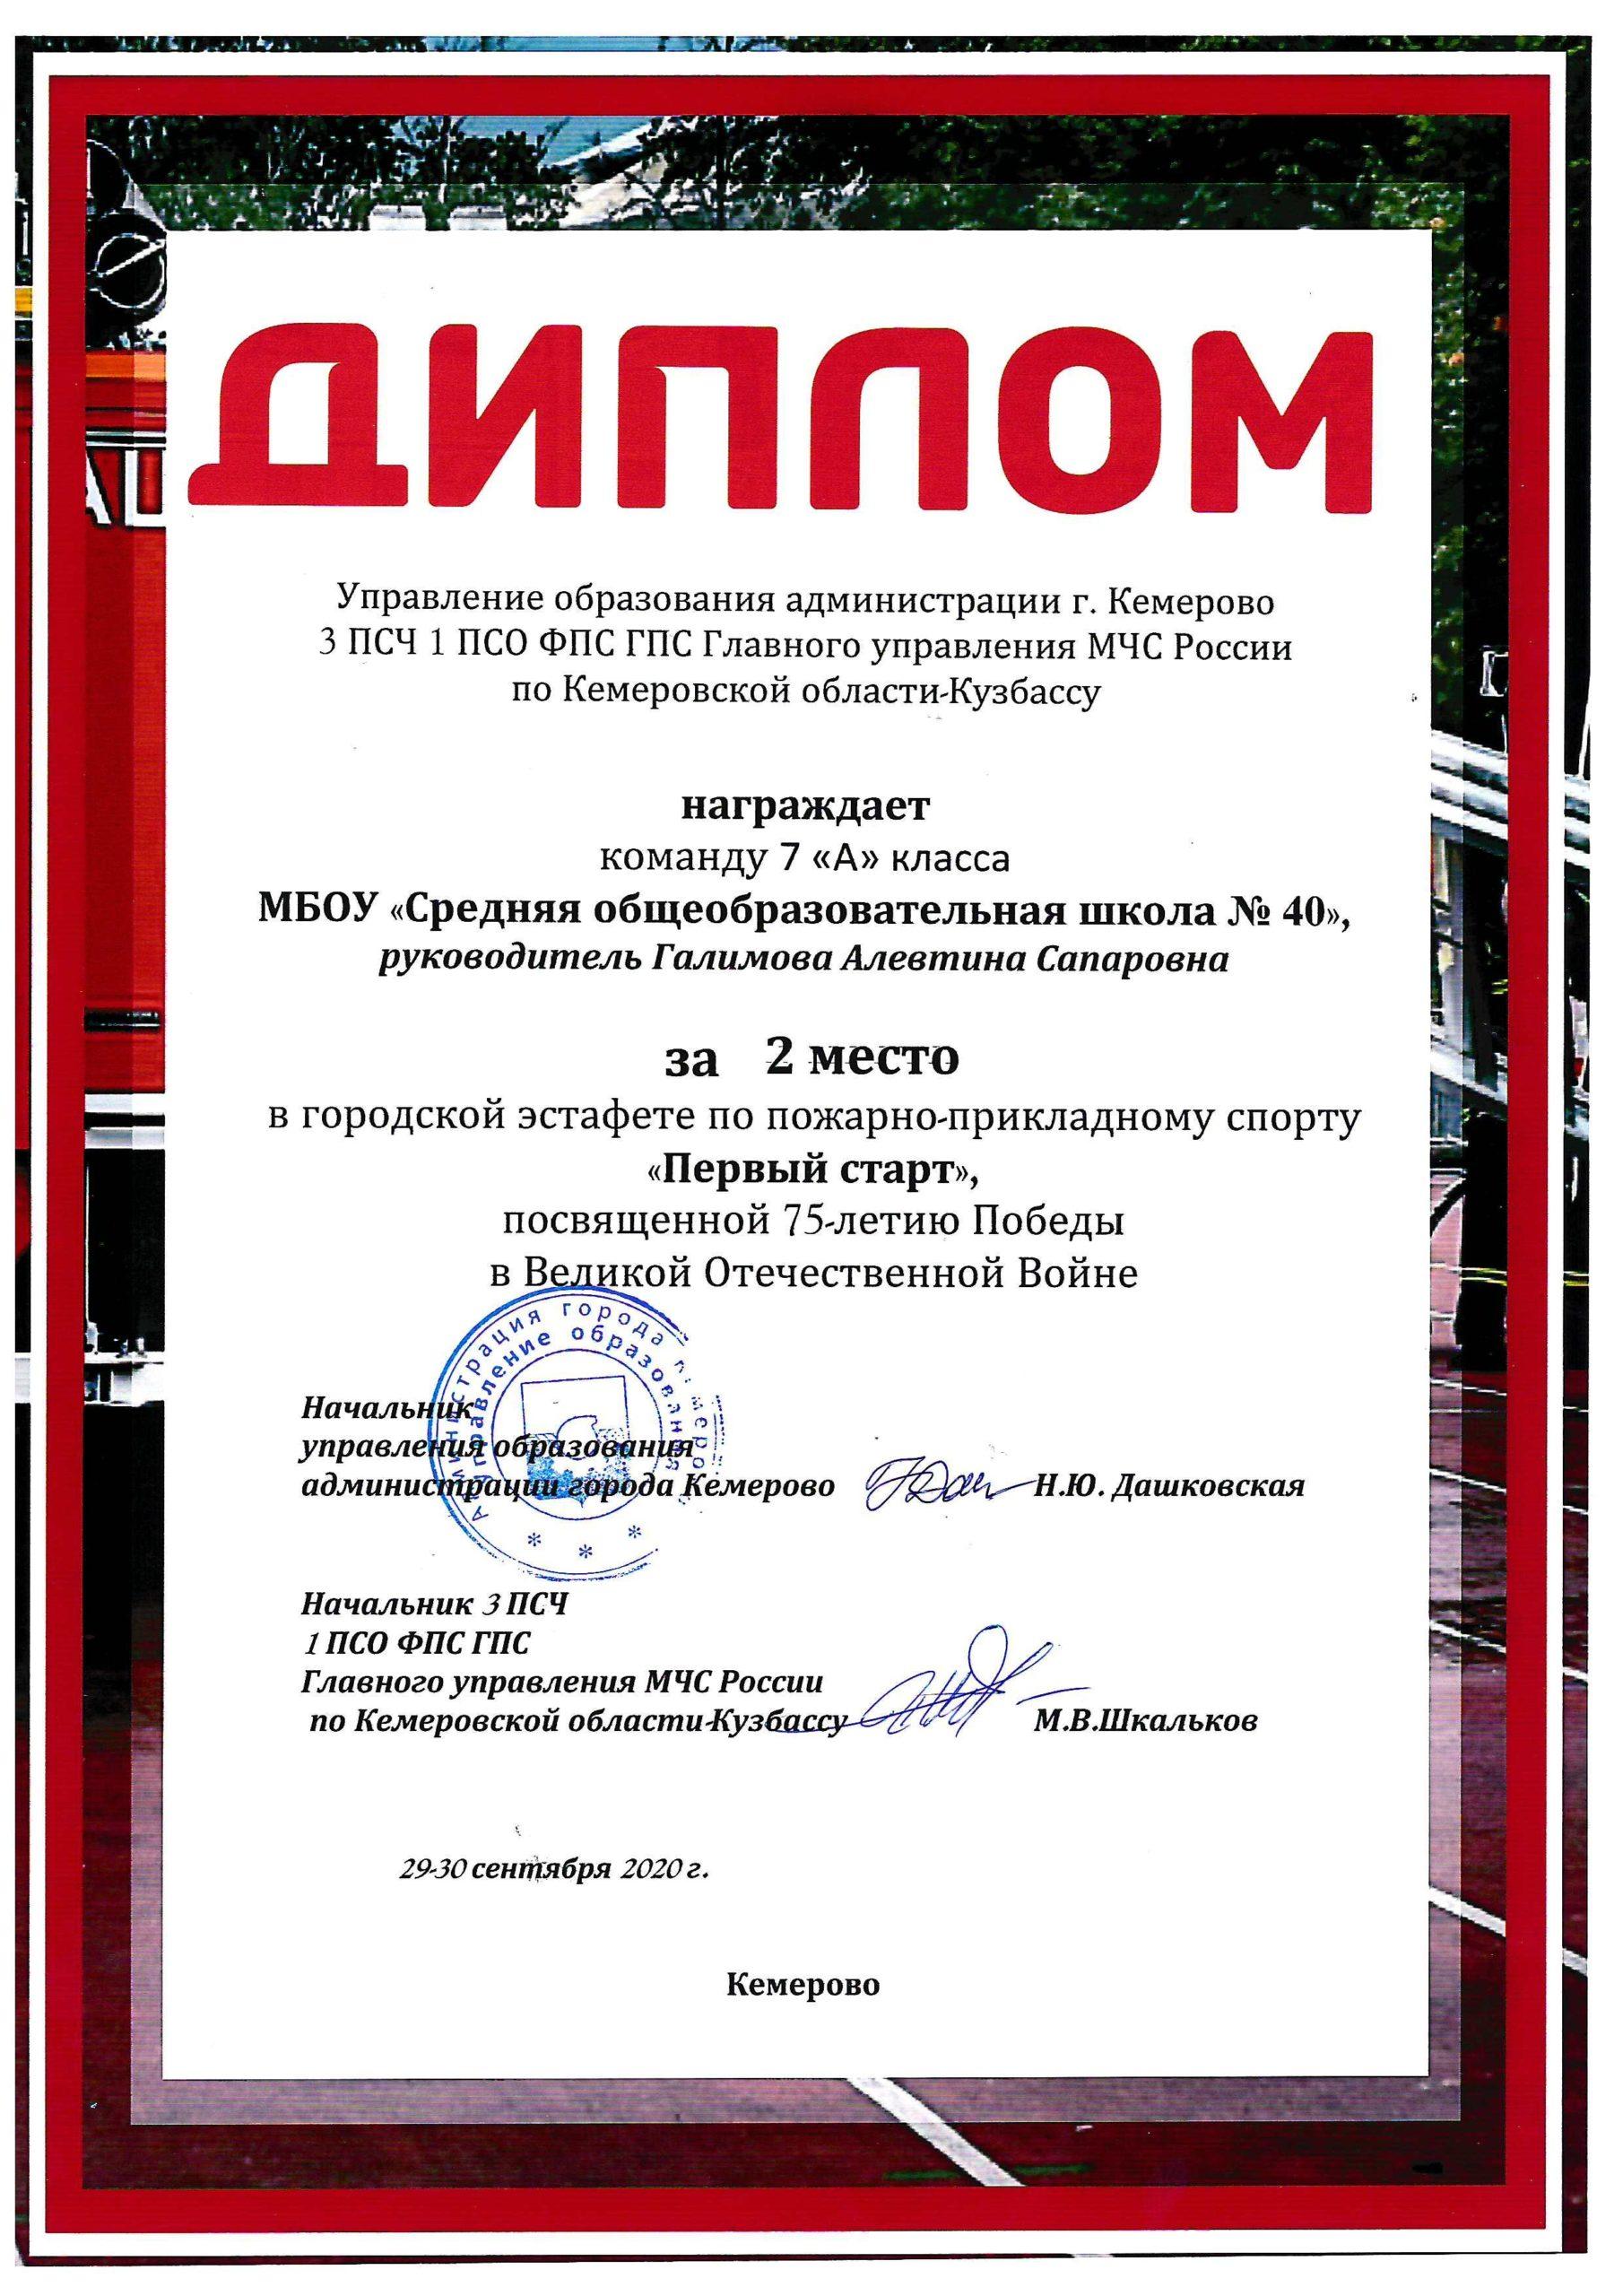 Дипломы ППС — 0021